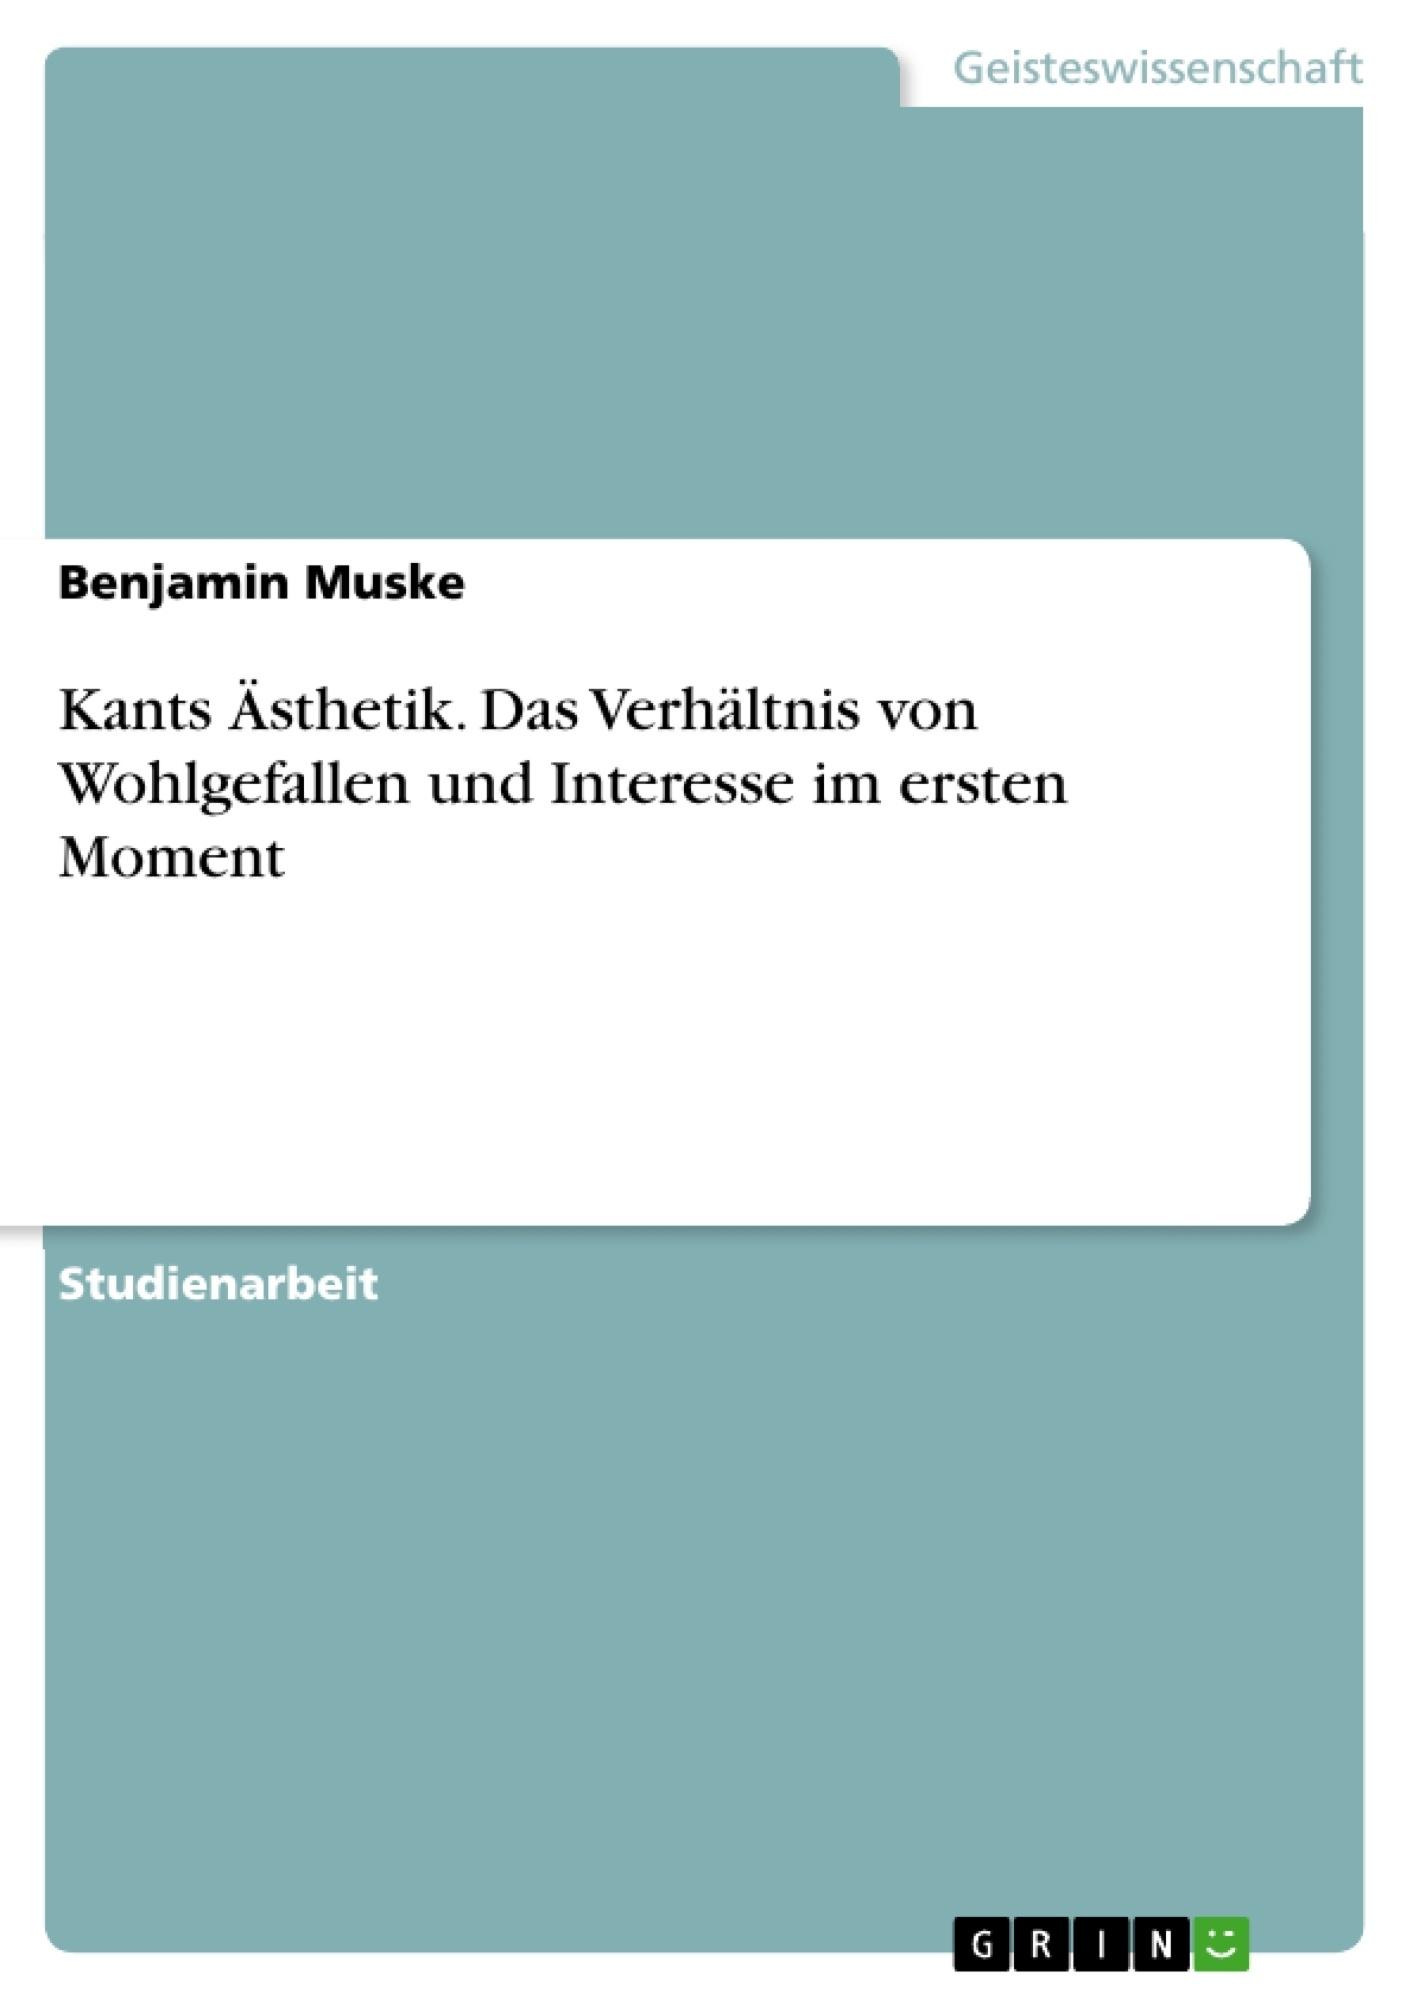 Titel: Kants Ästhetik. Das Verhältnis von Wohlgefallen und Interesse im ersten Moment